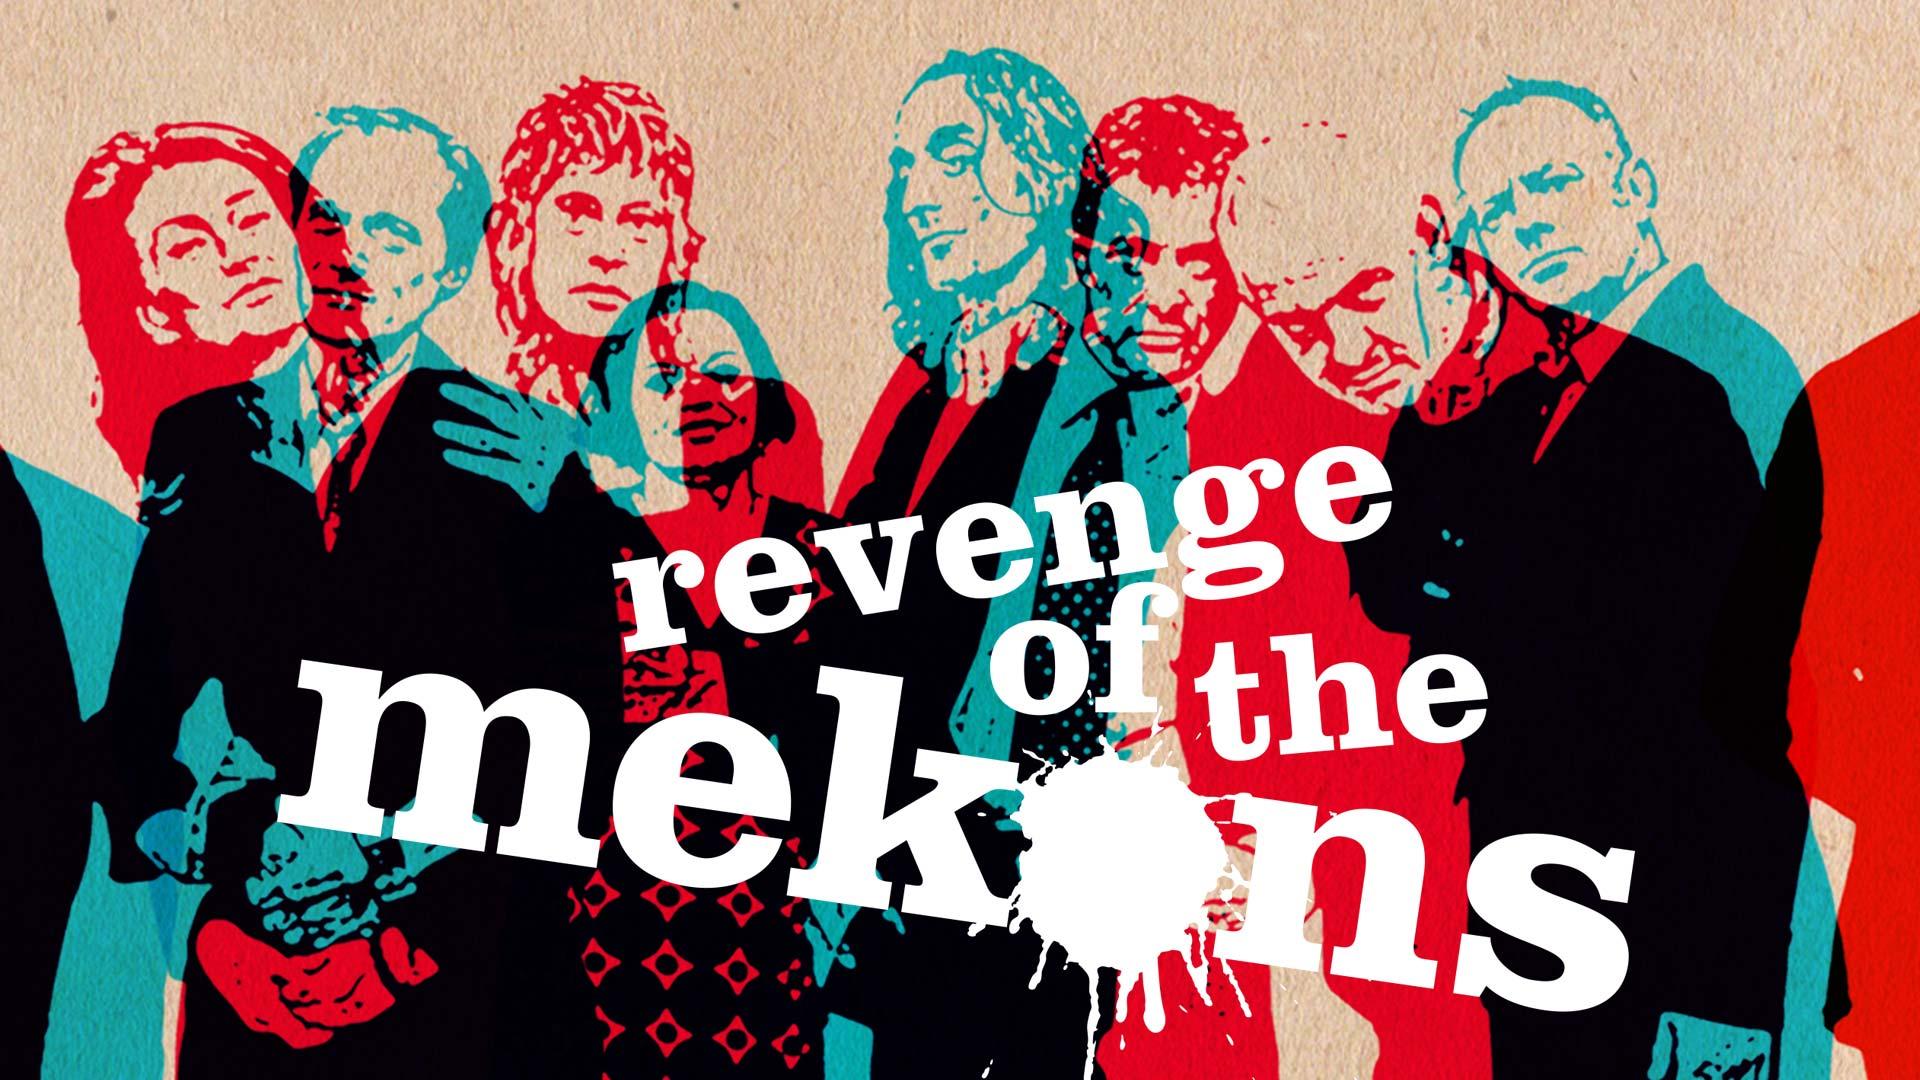 Revenge of the Mekons - image